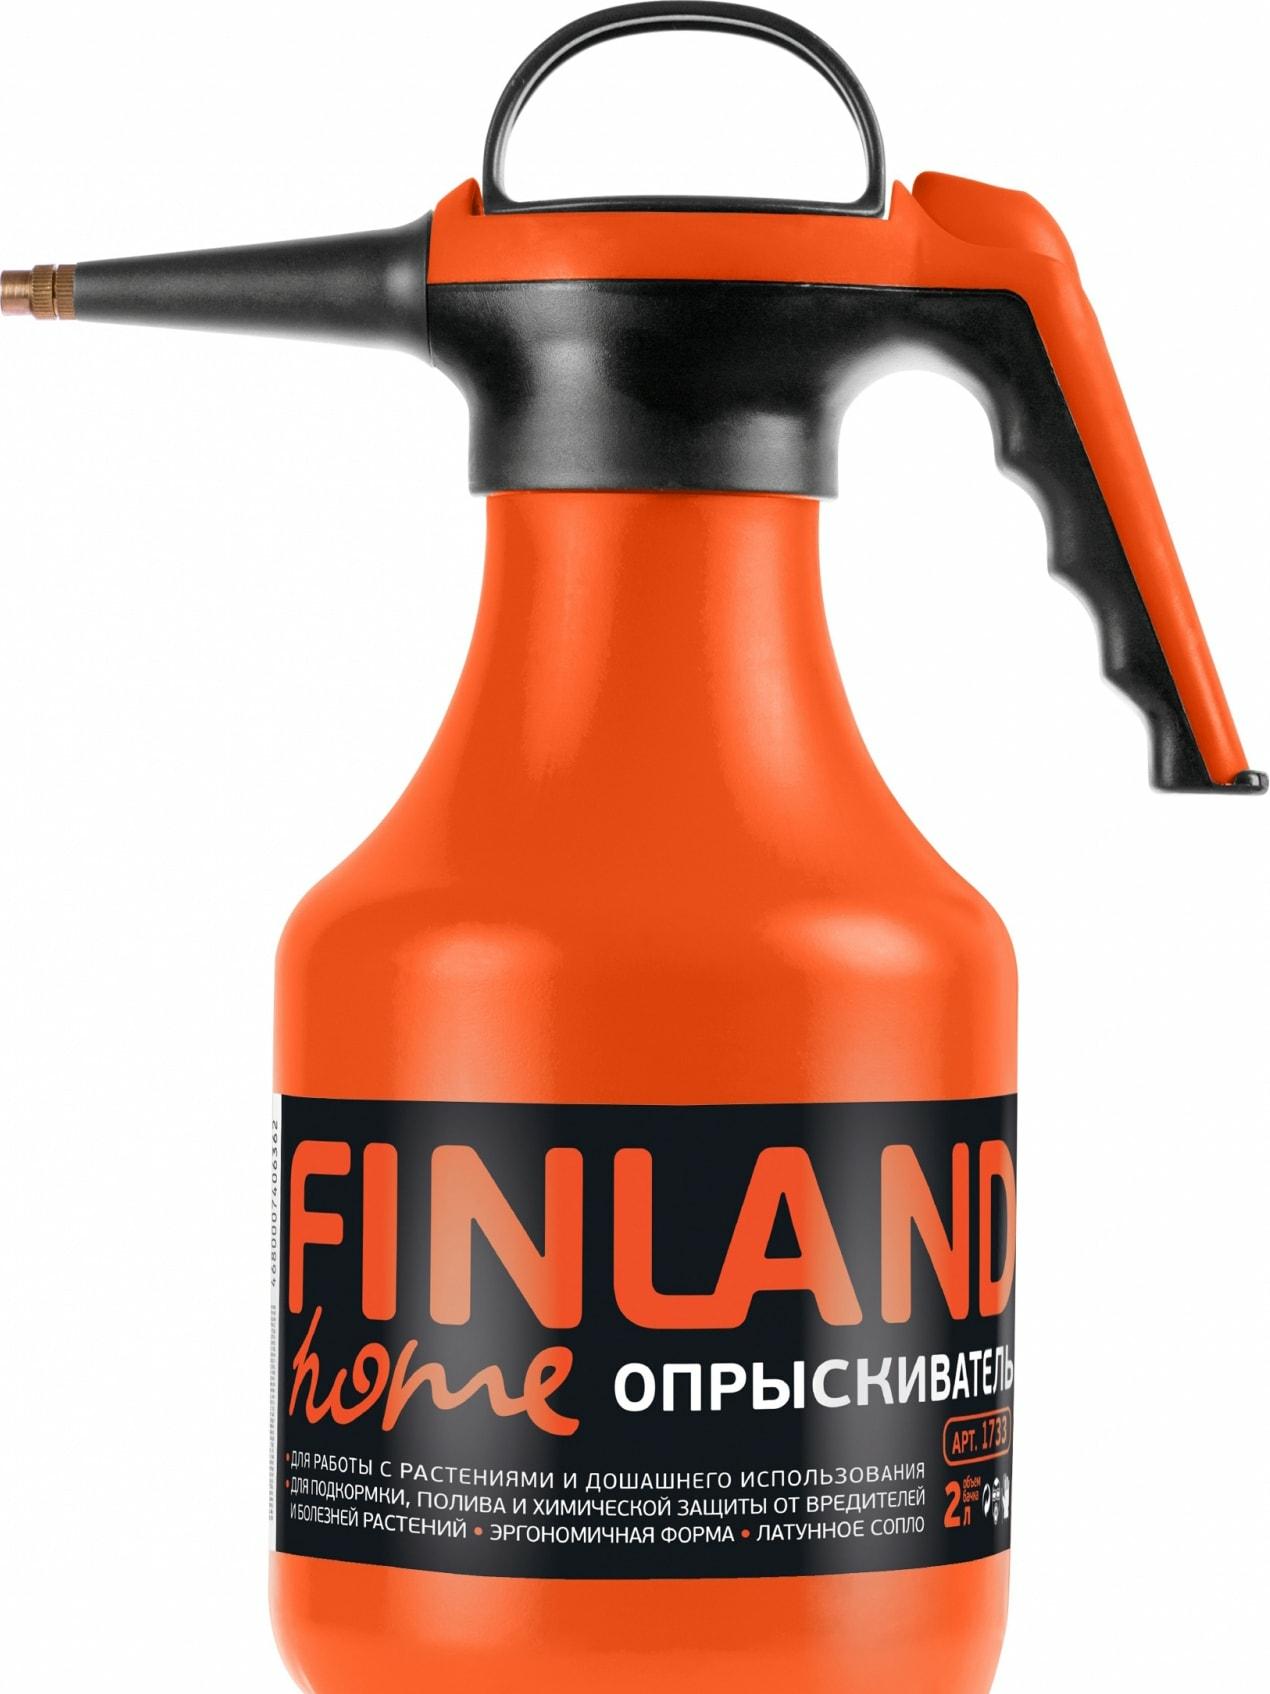 Ручной опрыскиватель Finland Home 1733